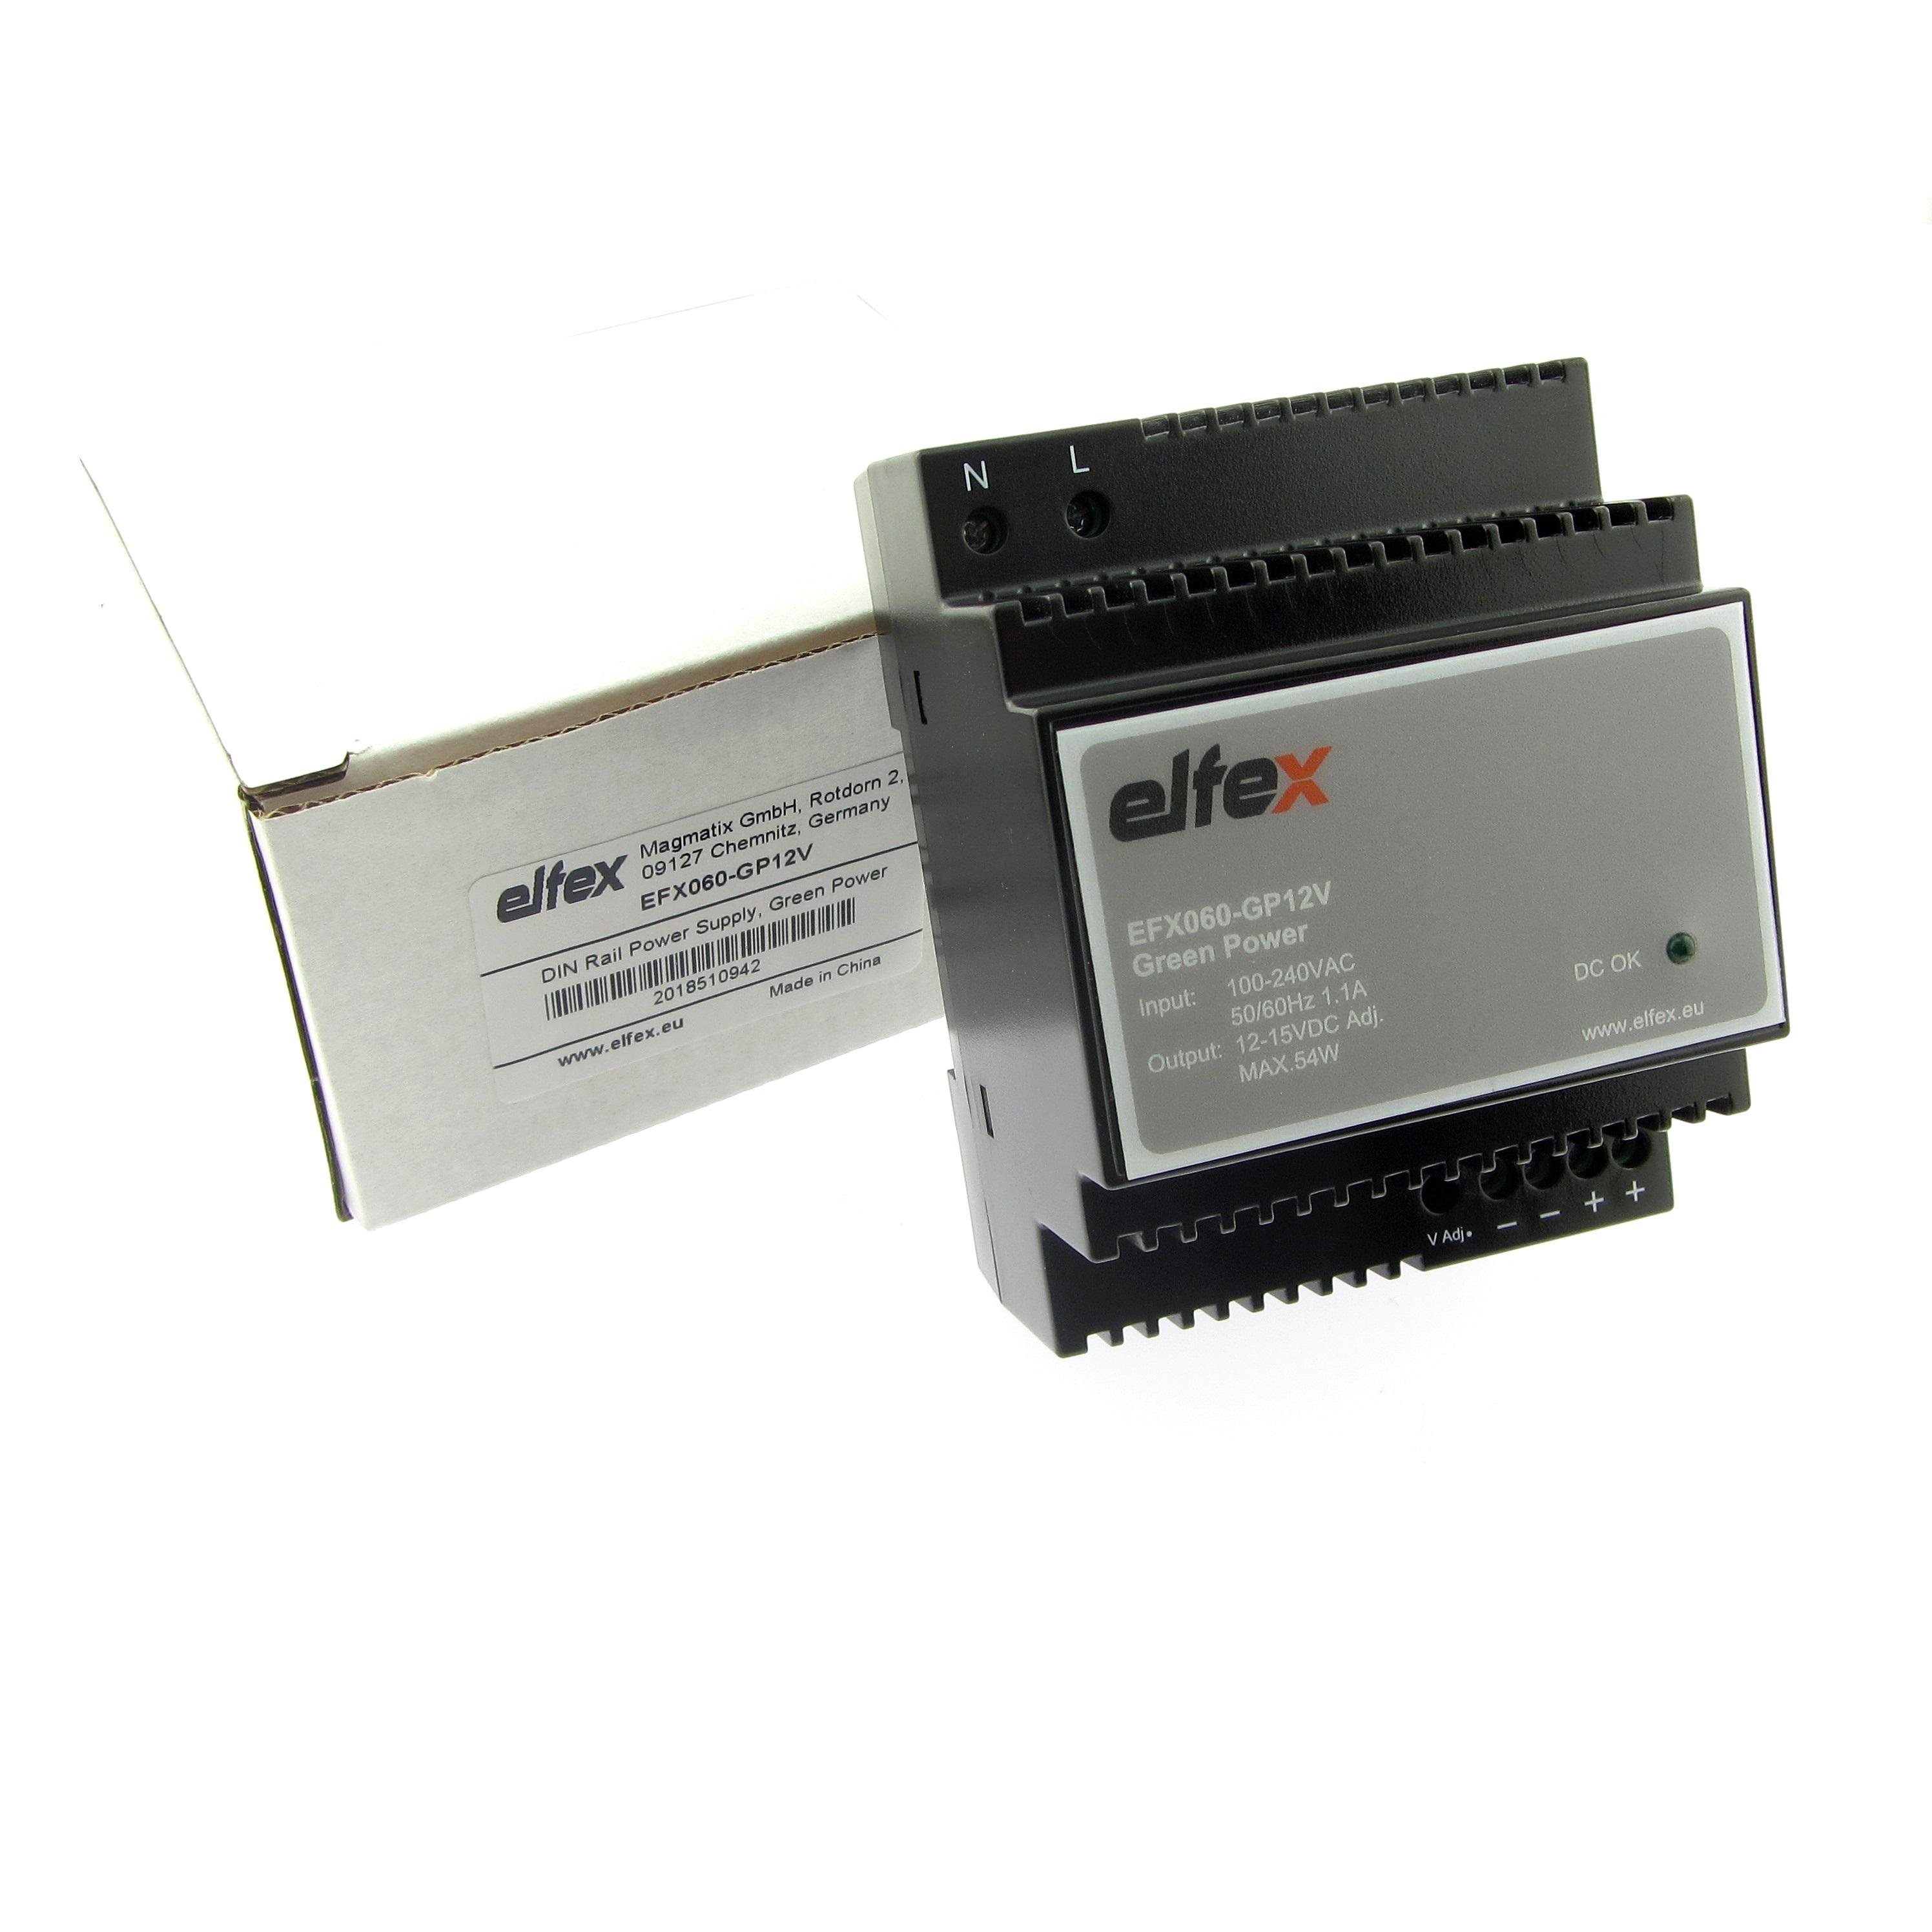 elfex Hutschienen-Netzteil 60W, 10-15V DC einstellbar, EFX060-GP12V